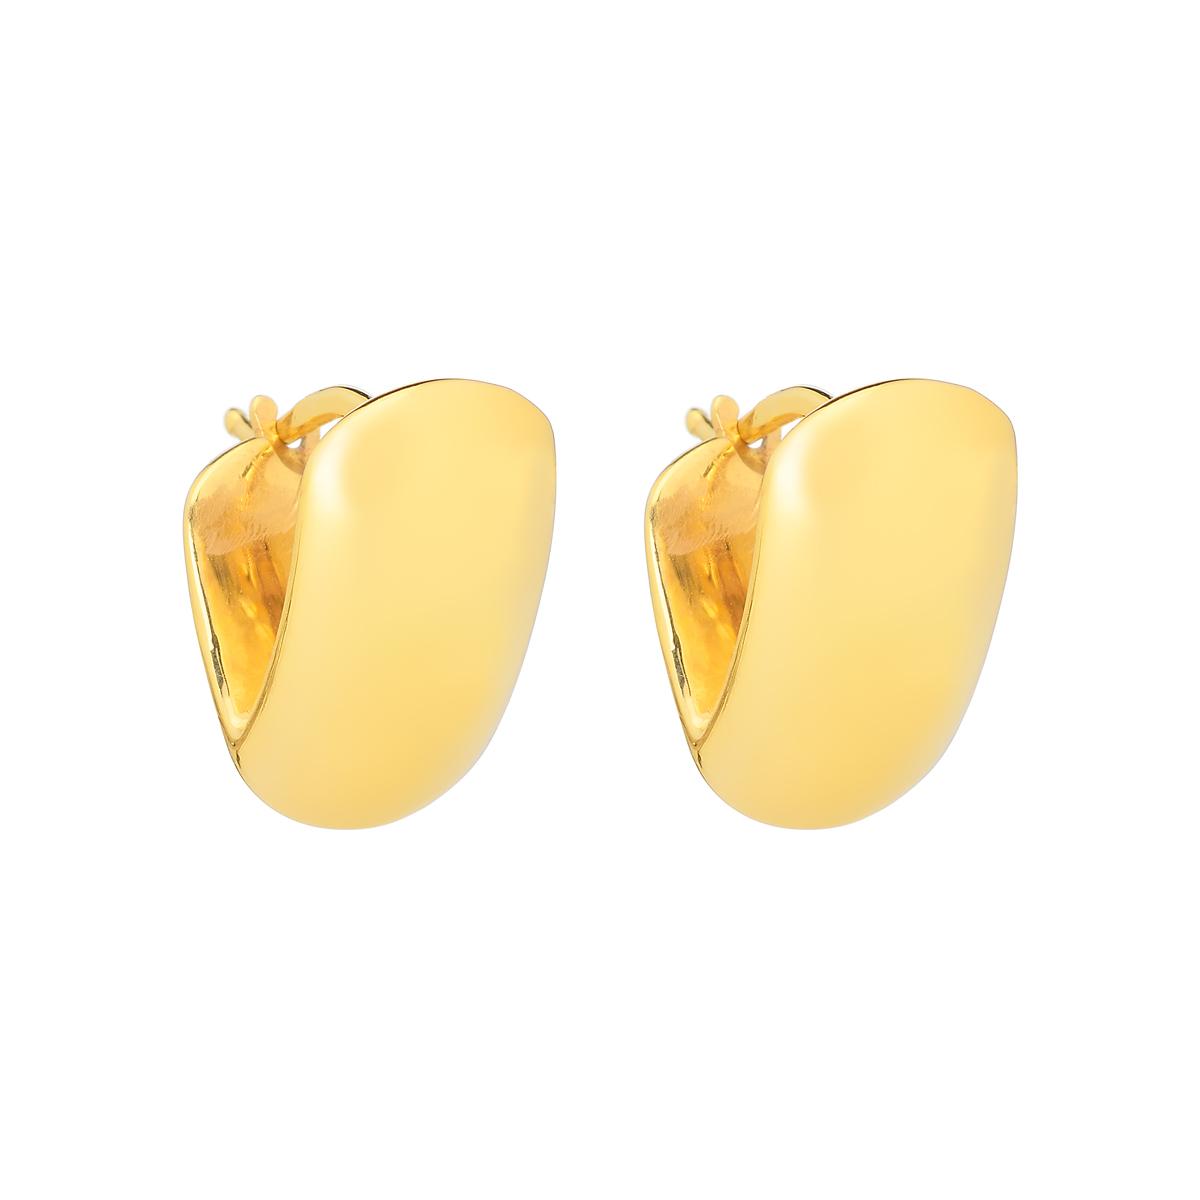 χρυσα σκουλαρικια μικροι κρικοι